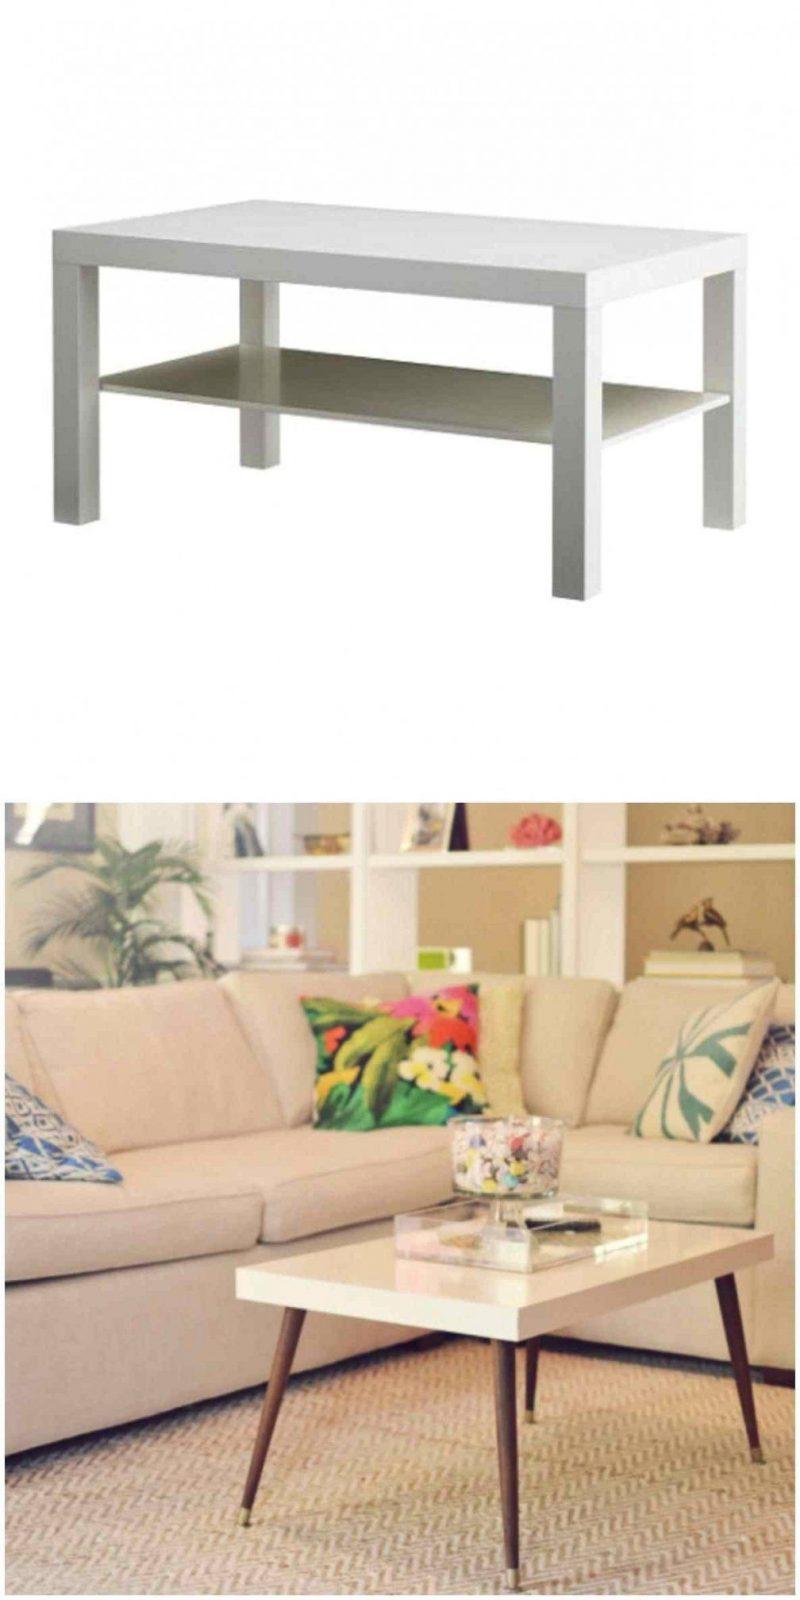 Fensterbank zum sitzen modern gestalten 20 designideen von fenster sitzbank selber bauen photo - Fenster sitzbank selber bauen ...